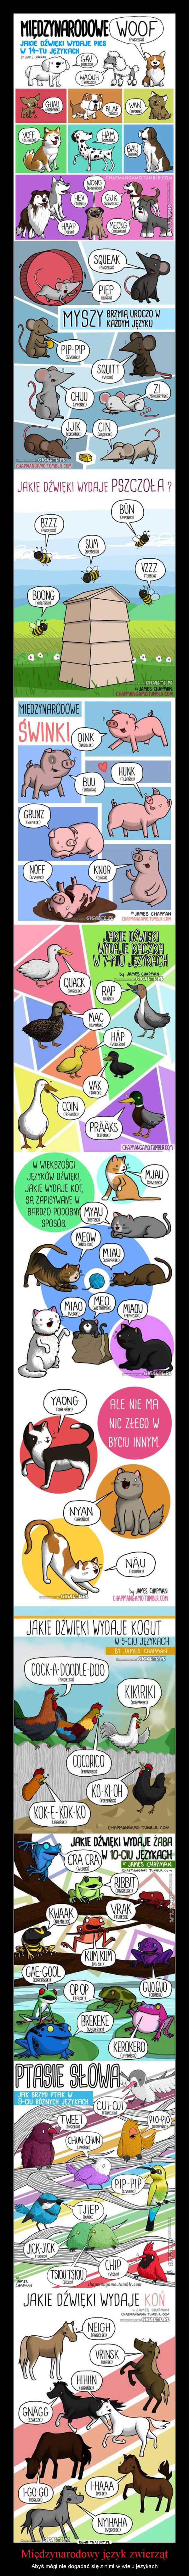 Międzynarodowy język zwierząt – Abyś mógł nie dogadać się z nimi w wielu językach